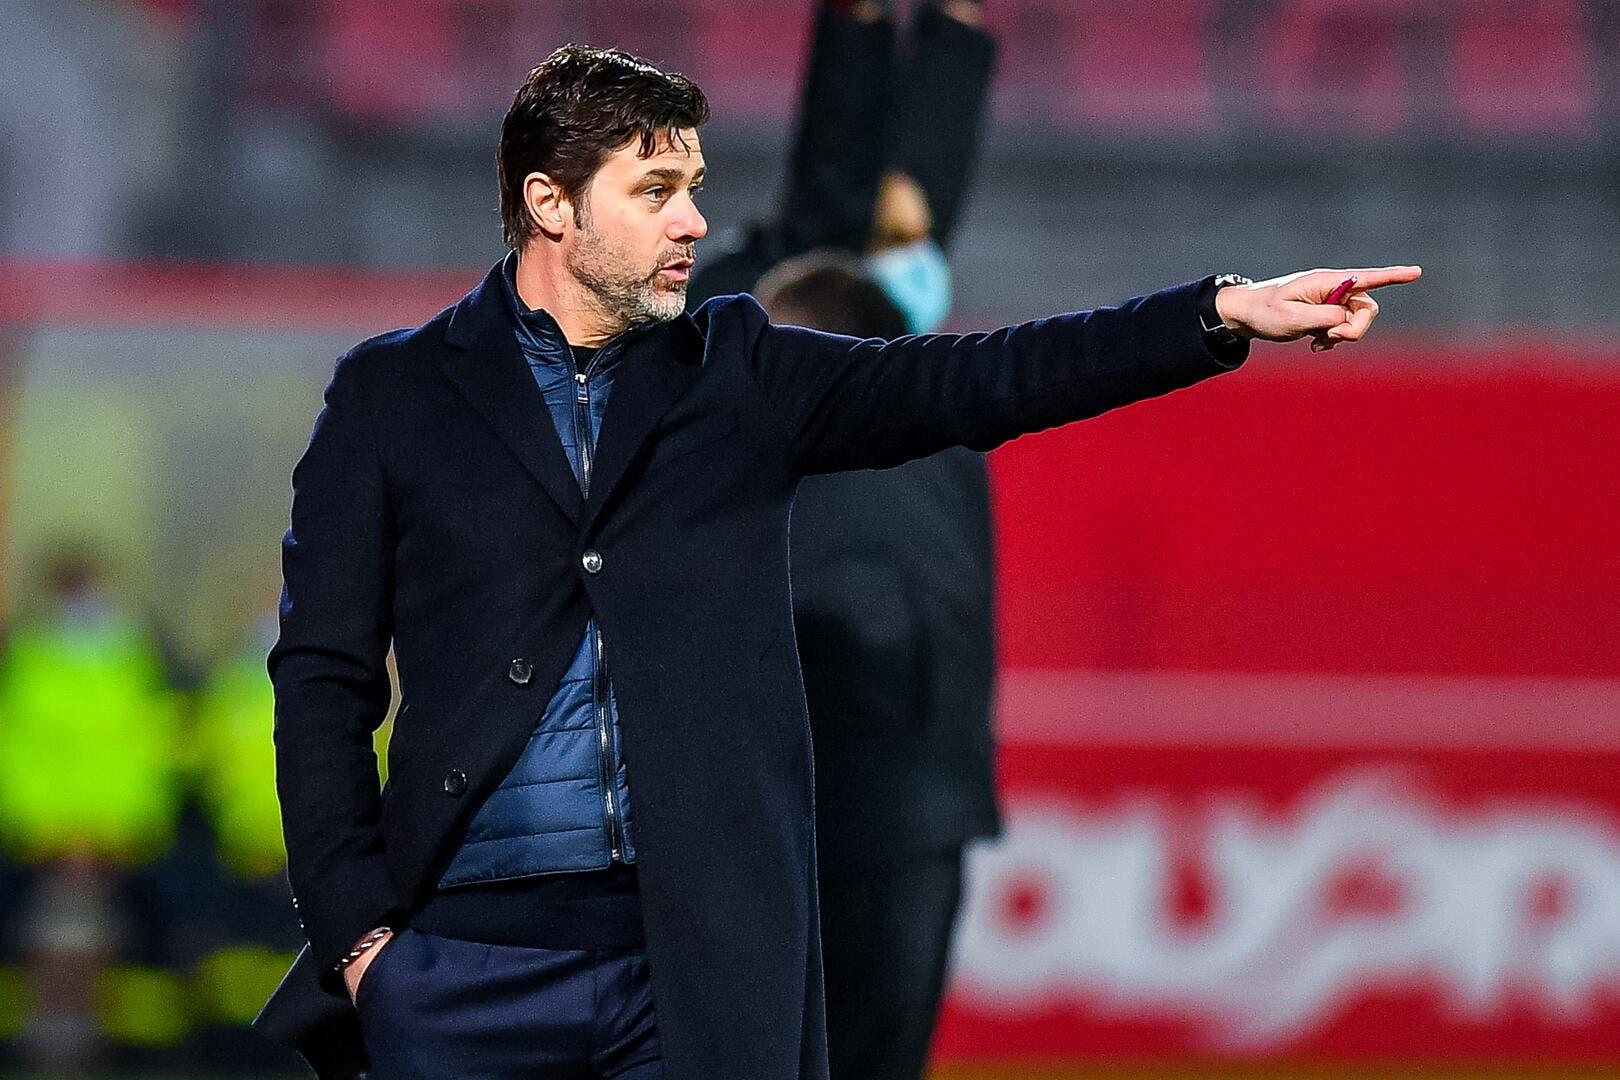 PSG : Paris a un coach en or, même Bielsa craque pour lui - Foot01.com